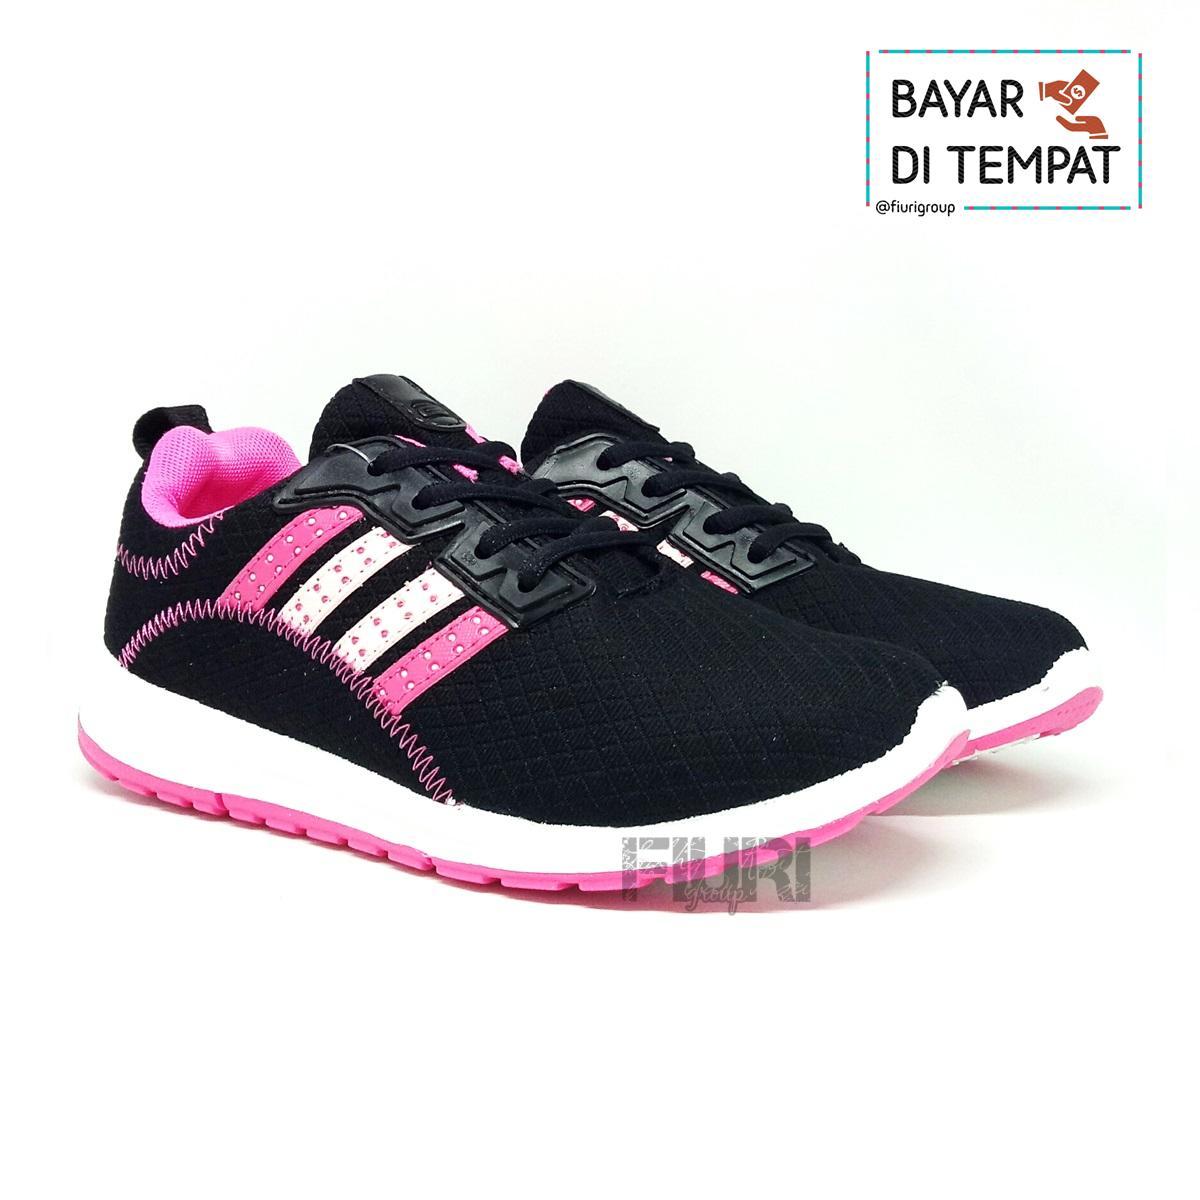 FIURI - Ando Original - Plano Black Pink - Sepatu Olahraga Sneakers Sport -  Sepatu Ando c48814f126